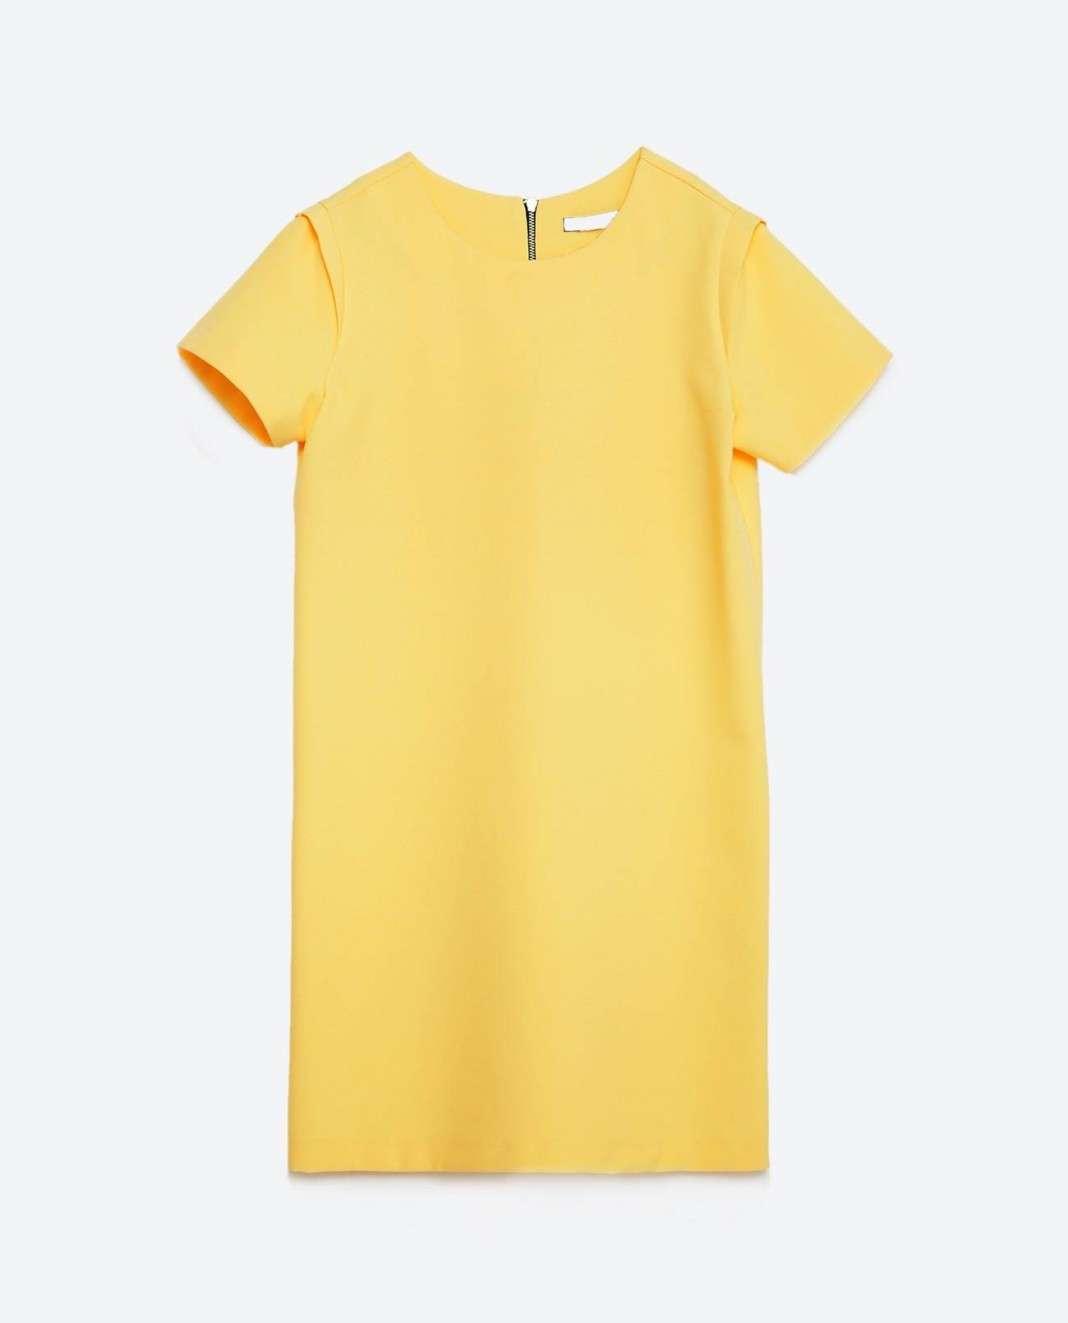 vestidos de Zara para el verano 2016 amarillo